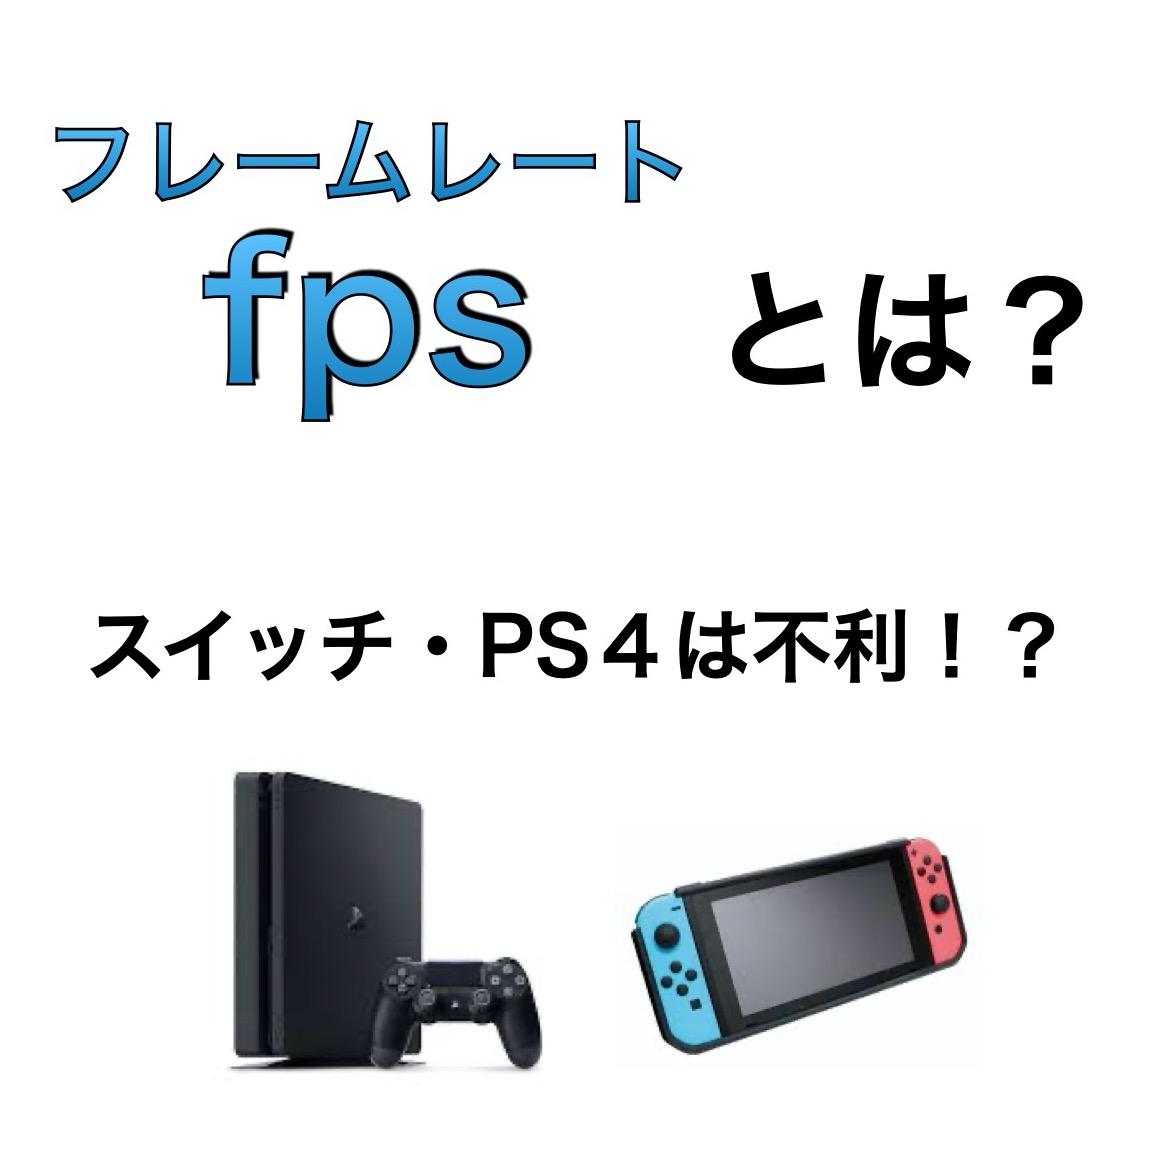 fps(フレームレート)とは